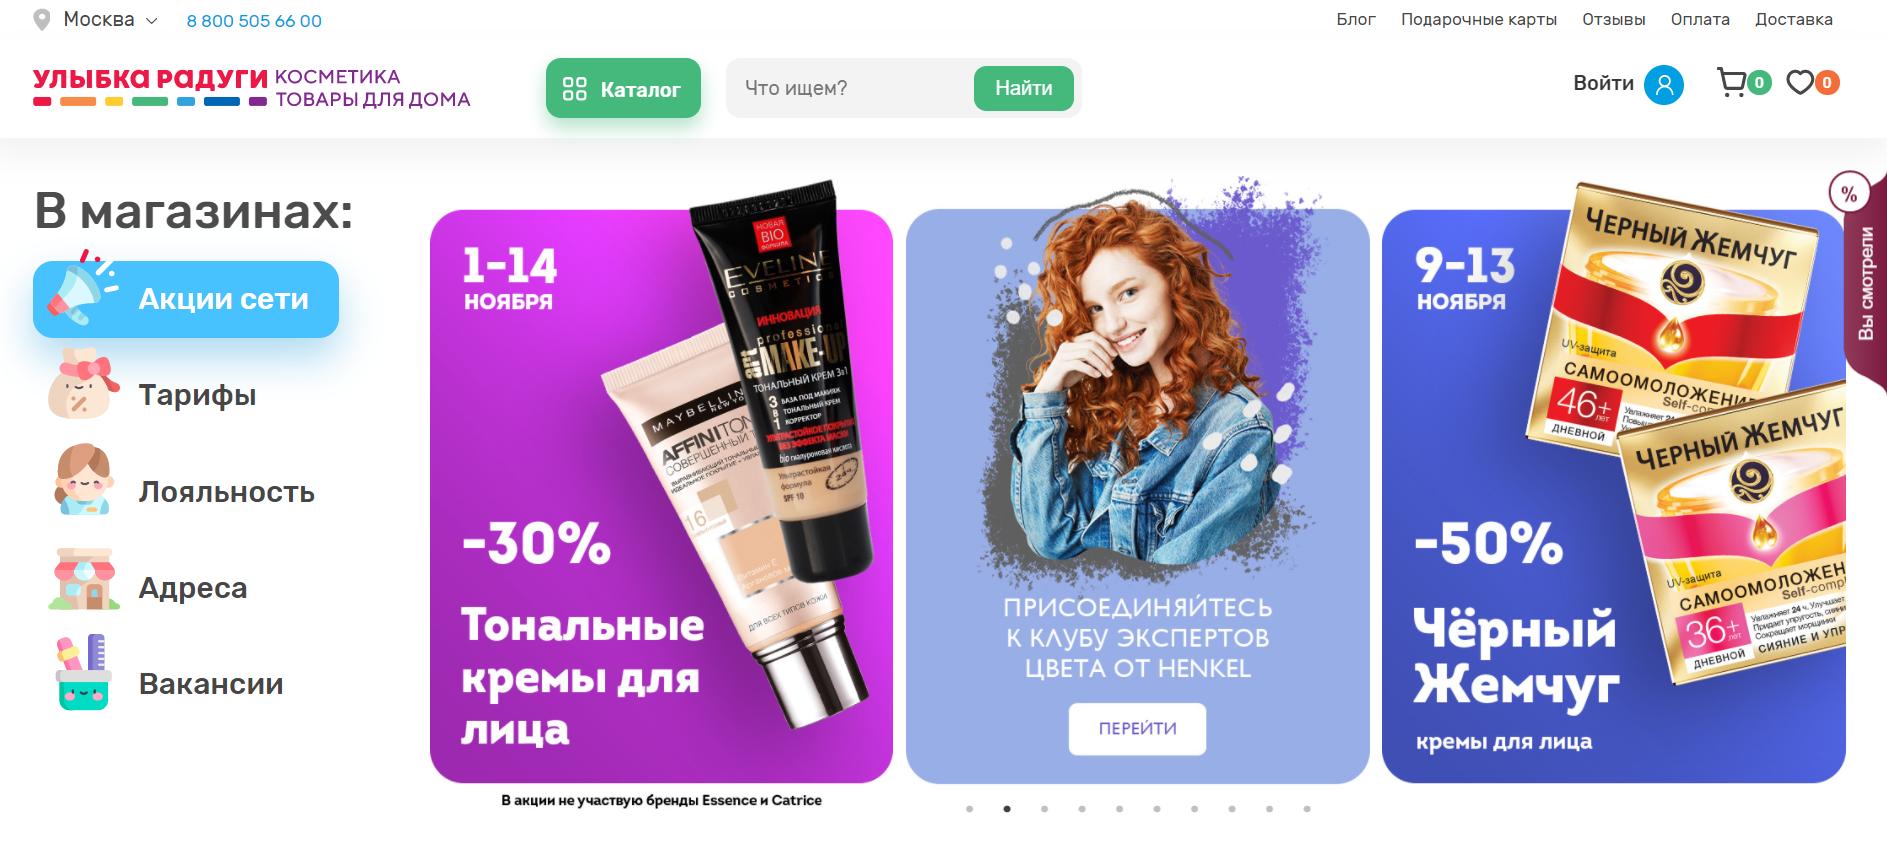 Магазин Улыбка Радуги Официальный Сайт